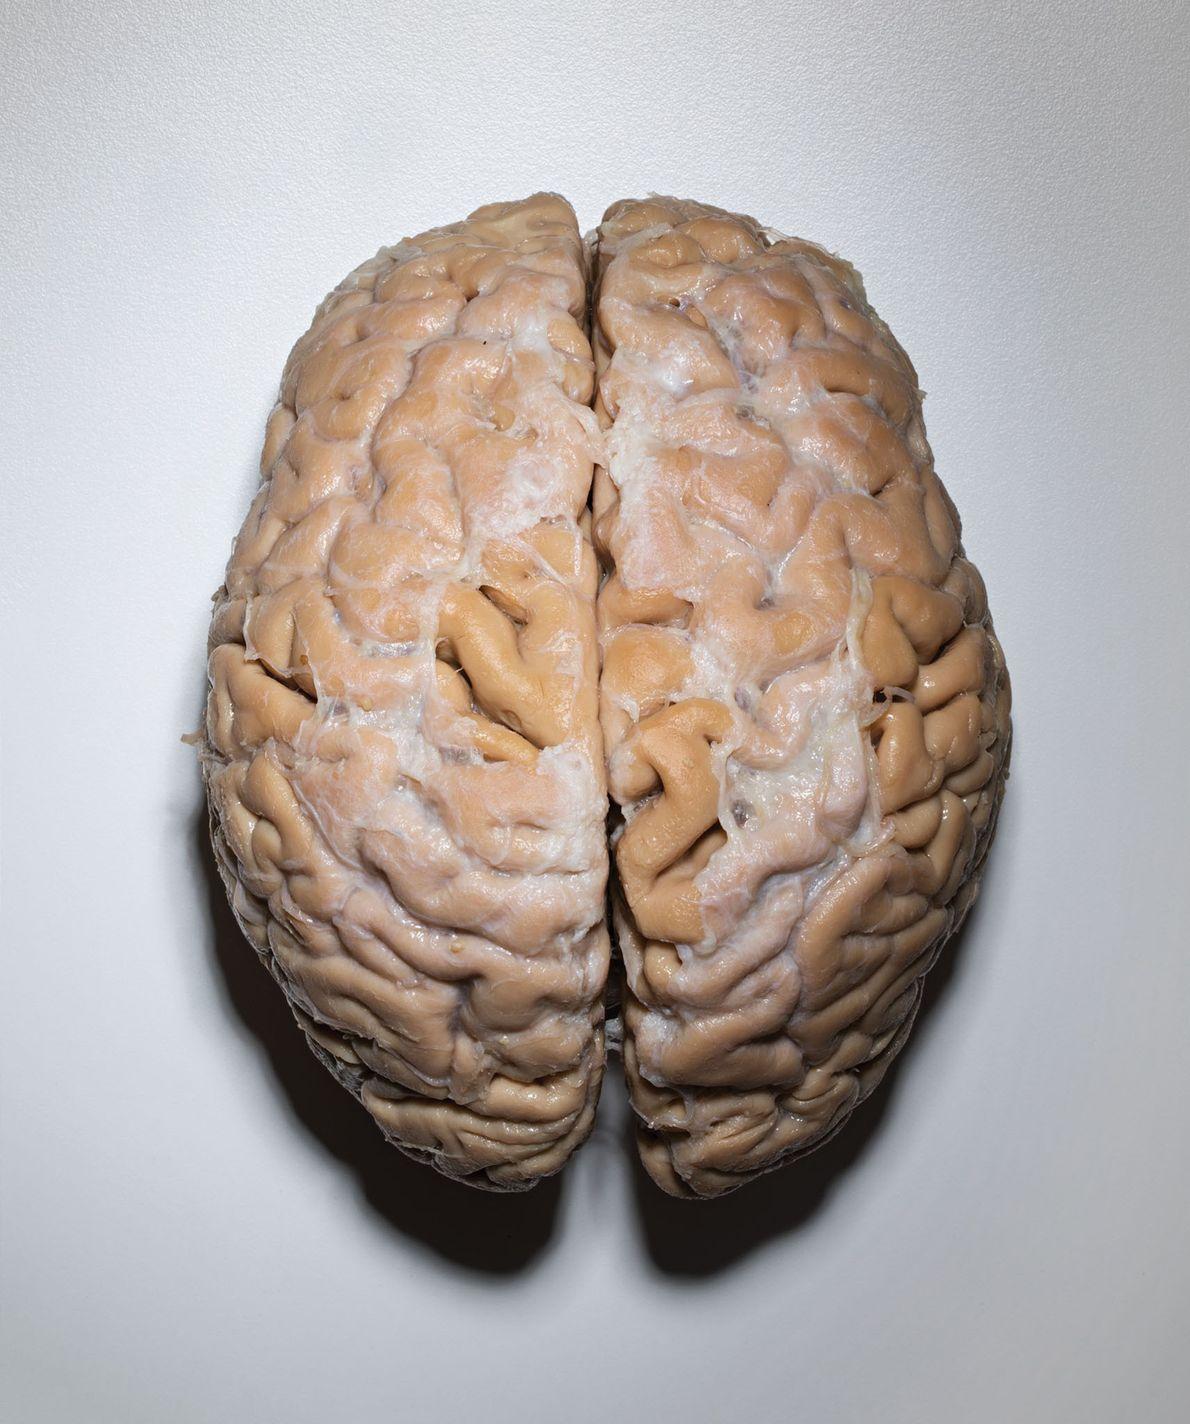 Donner son cerveau à la science pour aider la recherche